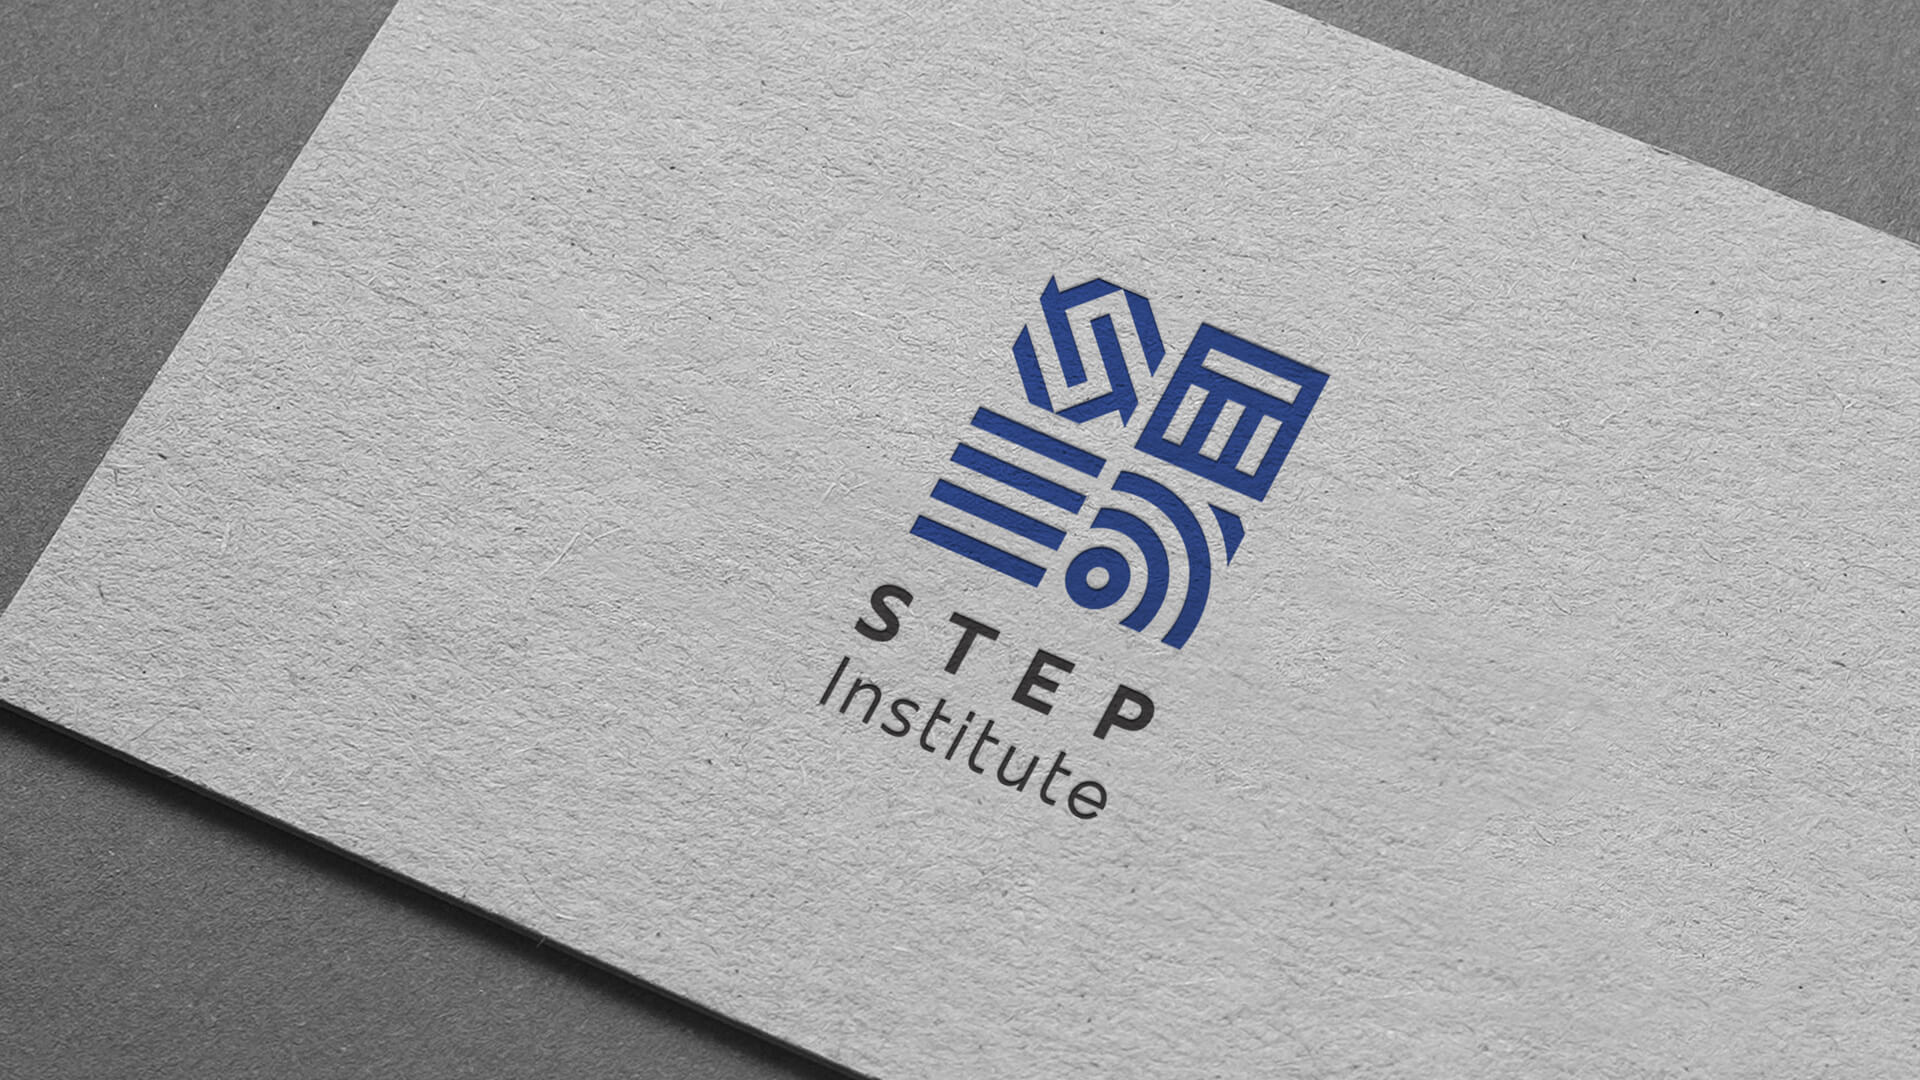 STEP Institute